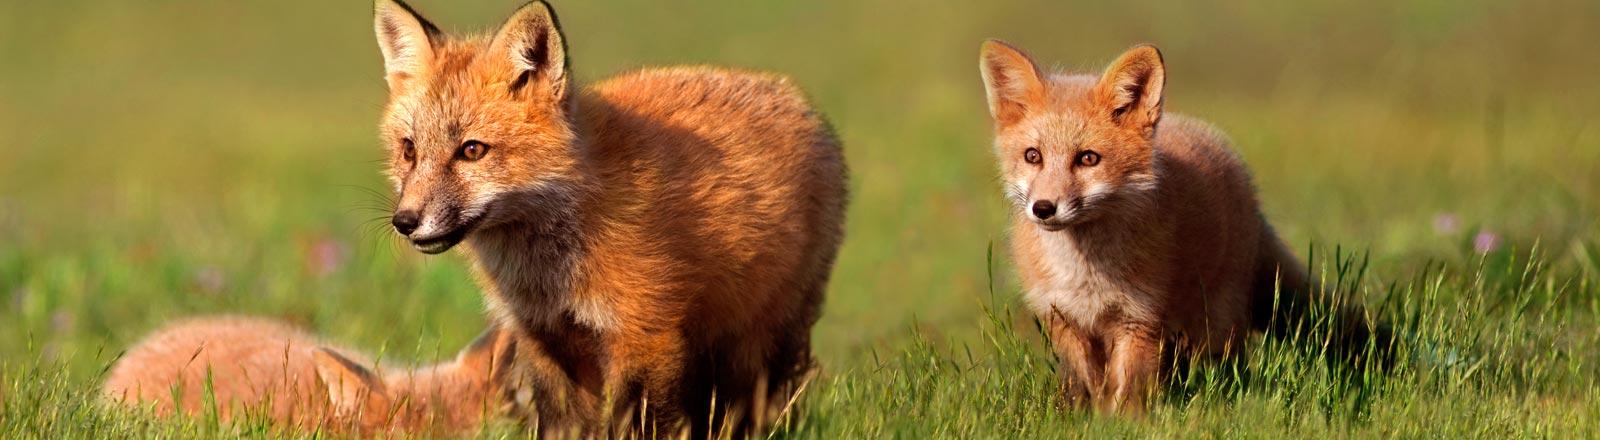 Jung-Füchse spielen auf einer Wiese.